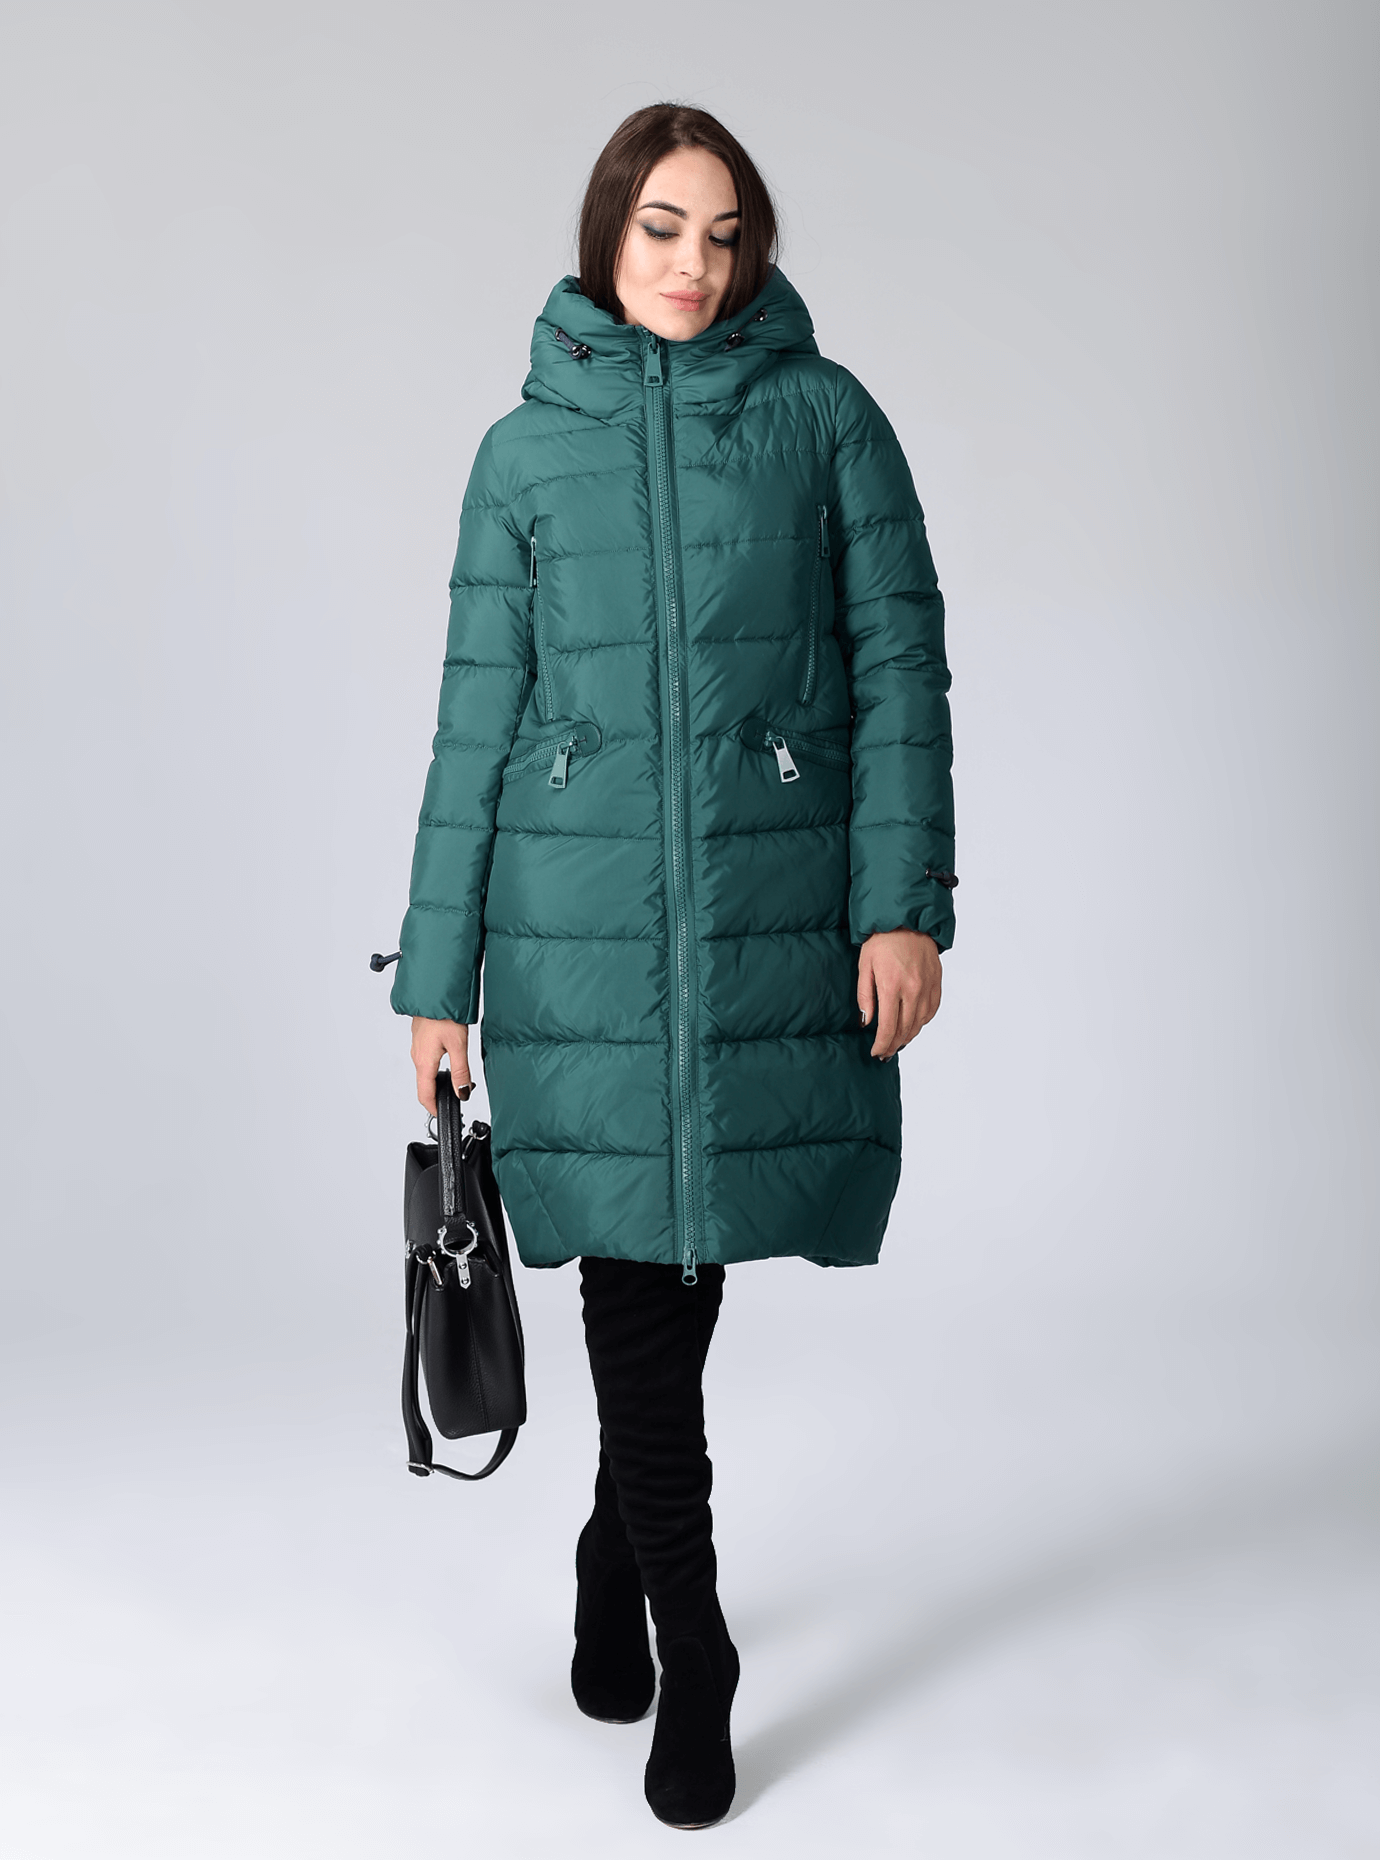 Куртка зимняя женская свободный фасон Чёрный S (02-CR170328): фото - Alster.ua